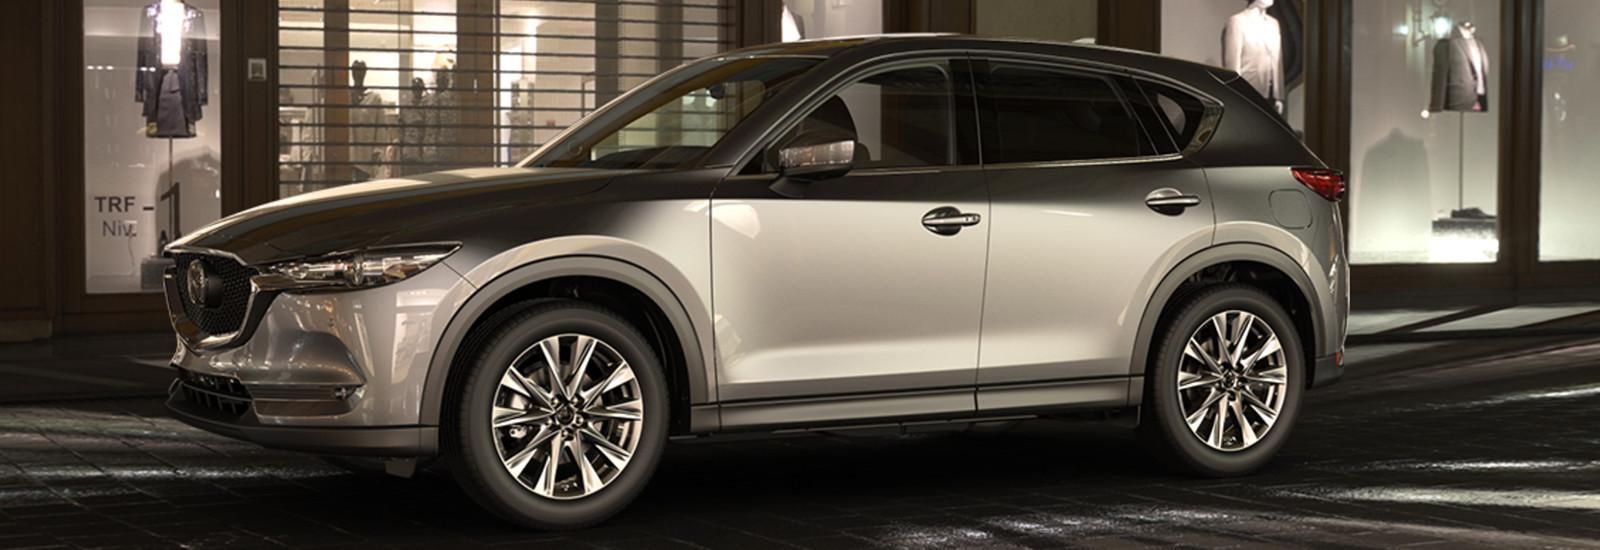 Mazda cx 5 colors 2019